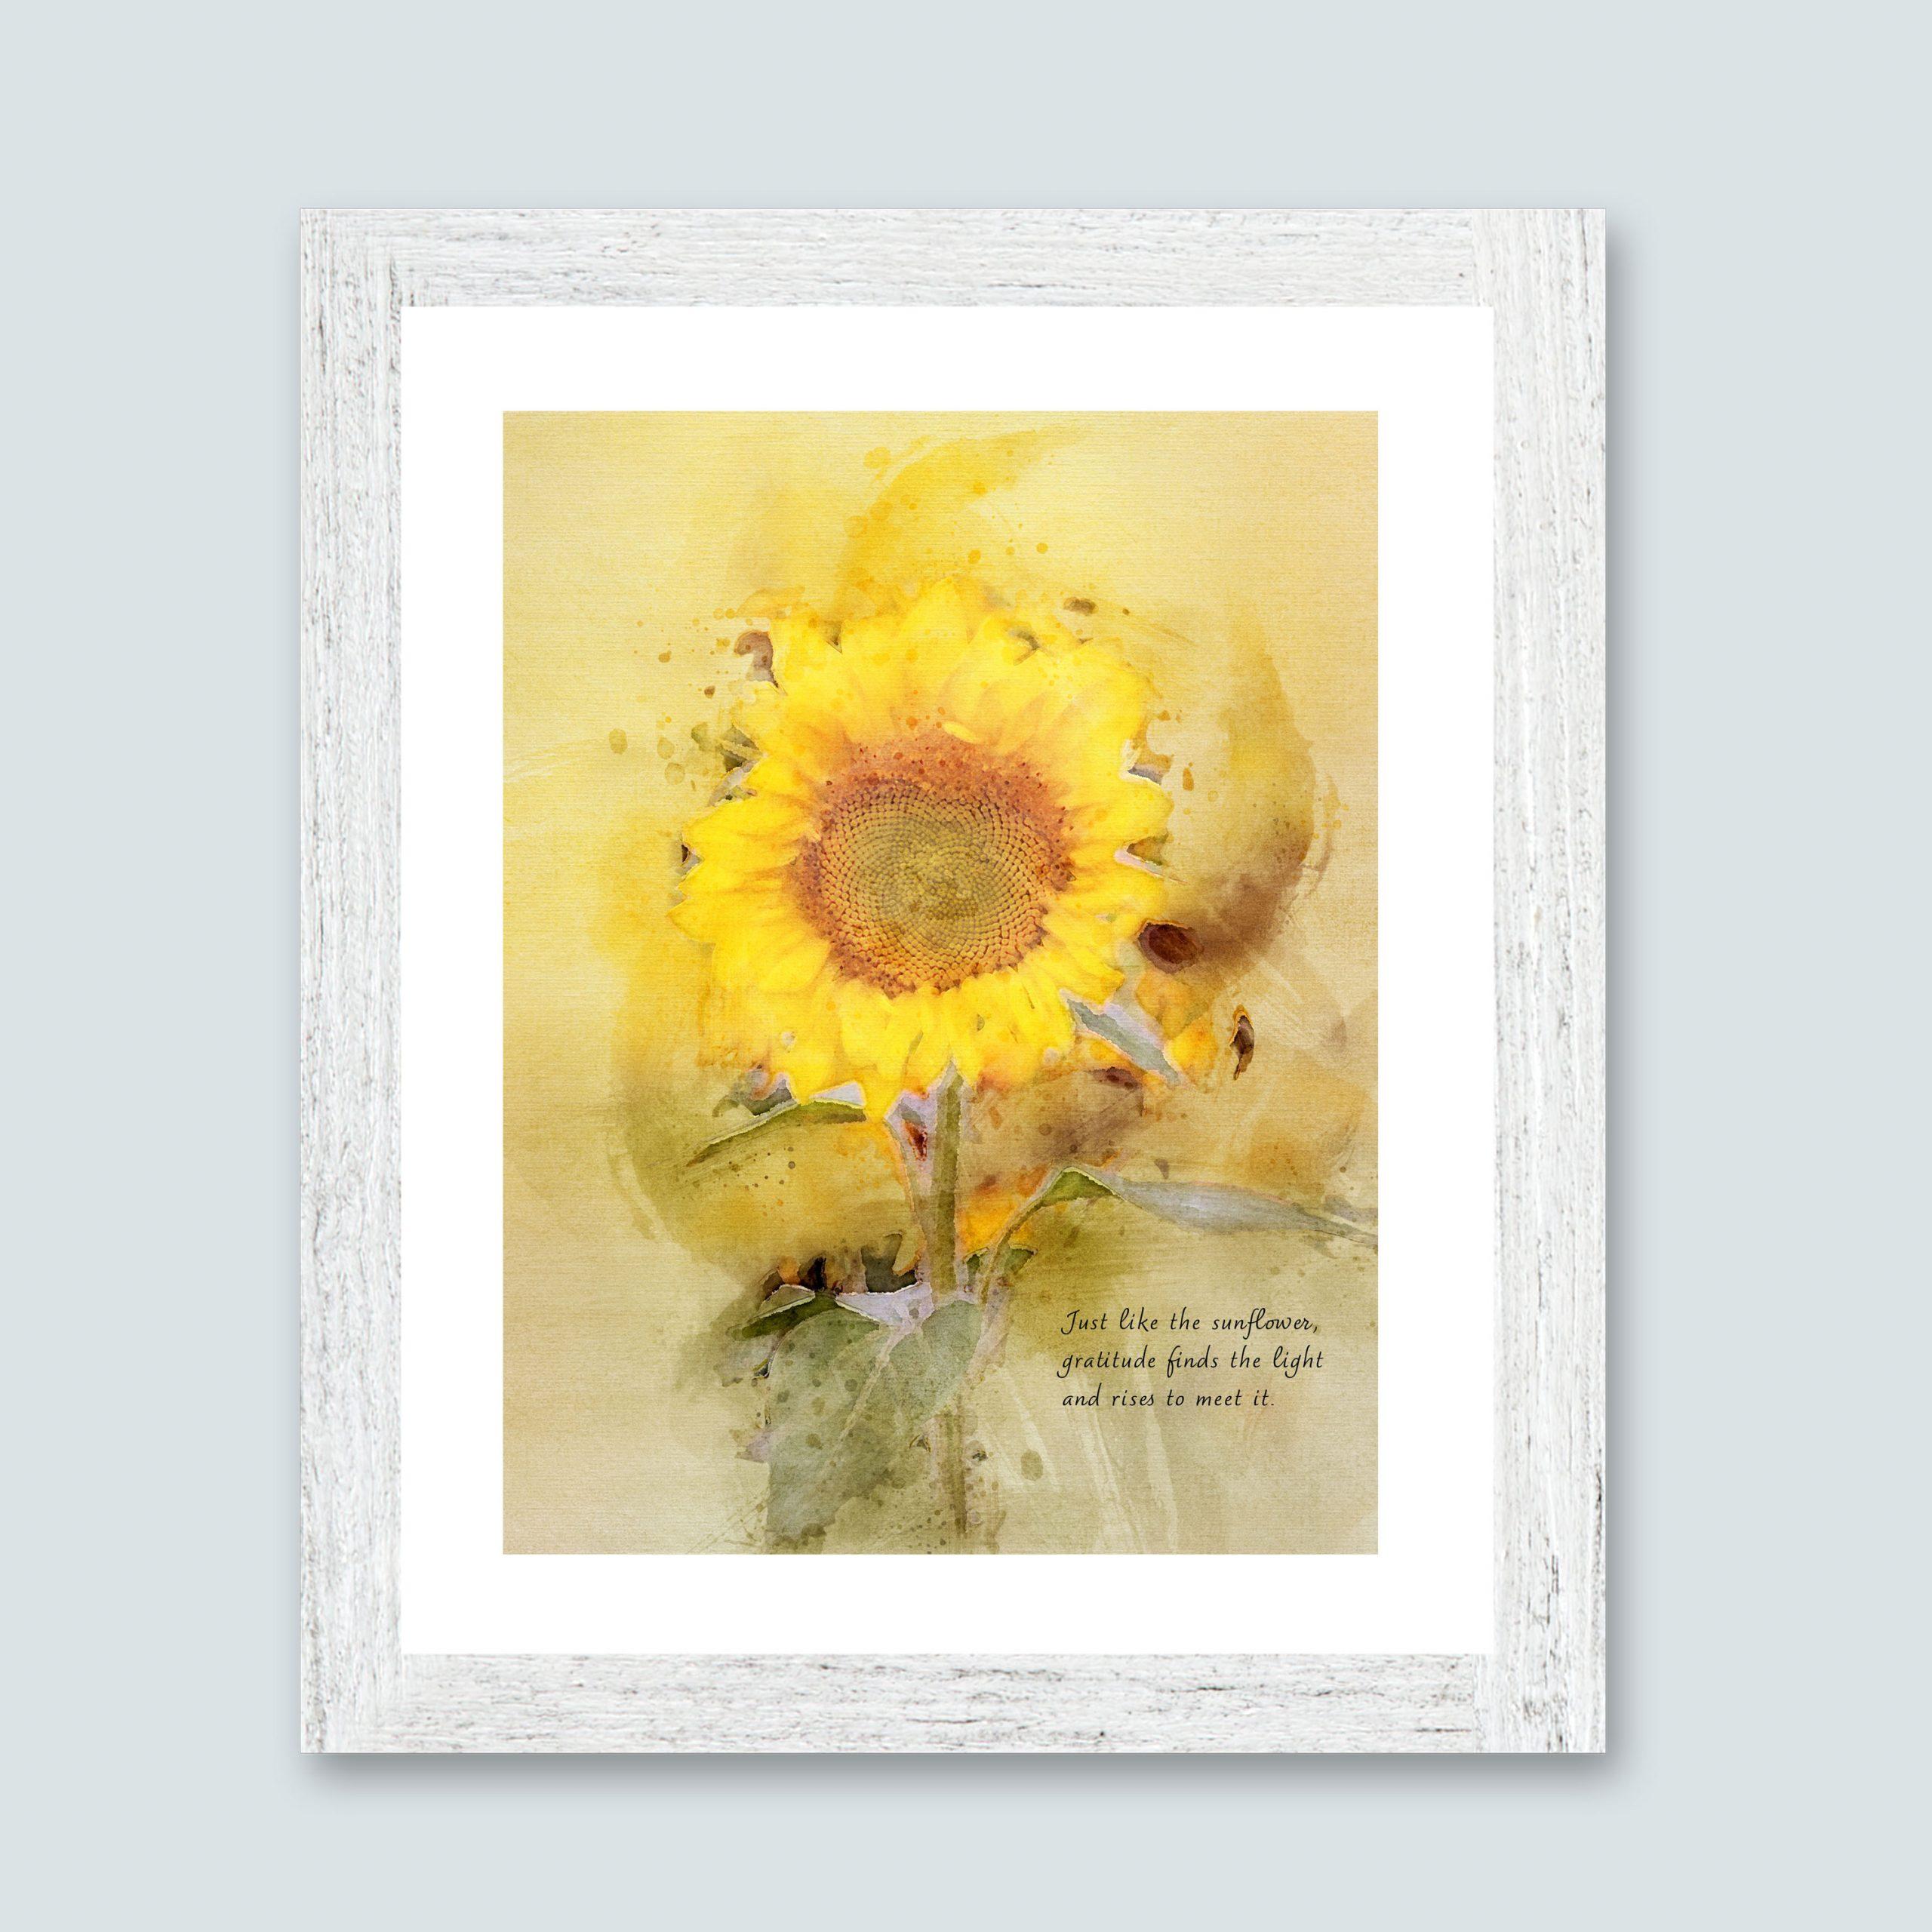 Art of Gratitude Framed Sunflower Print